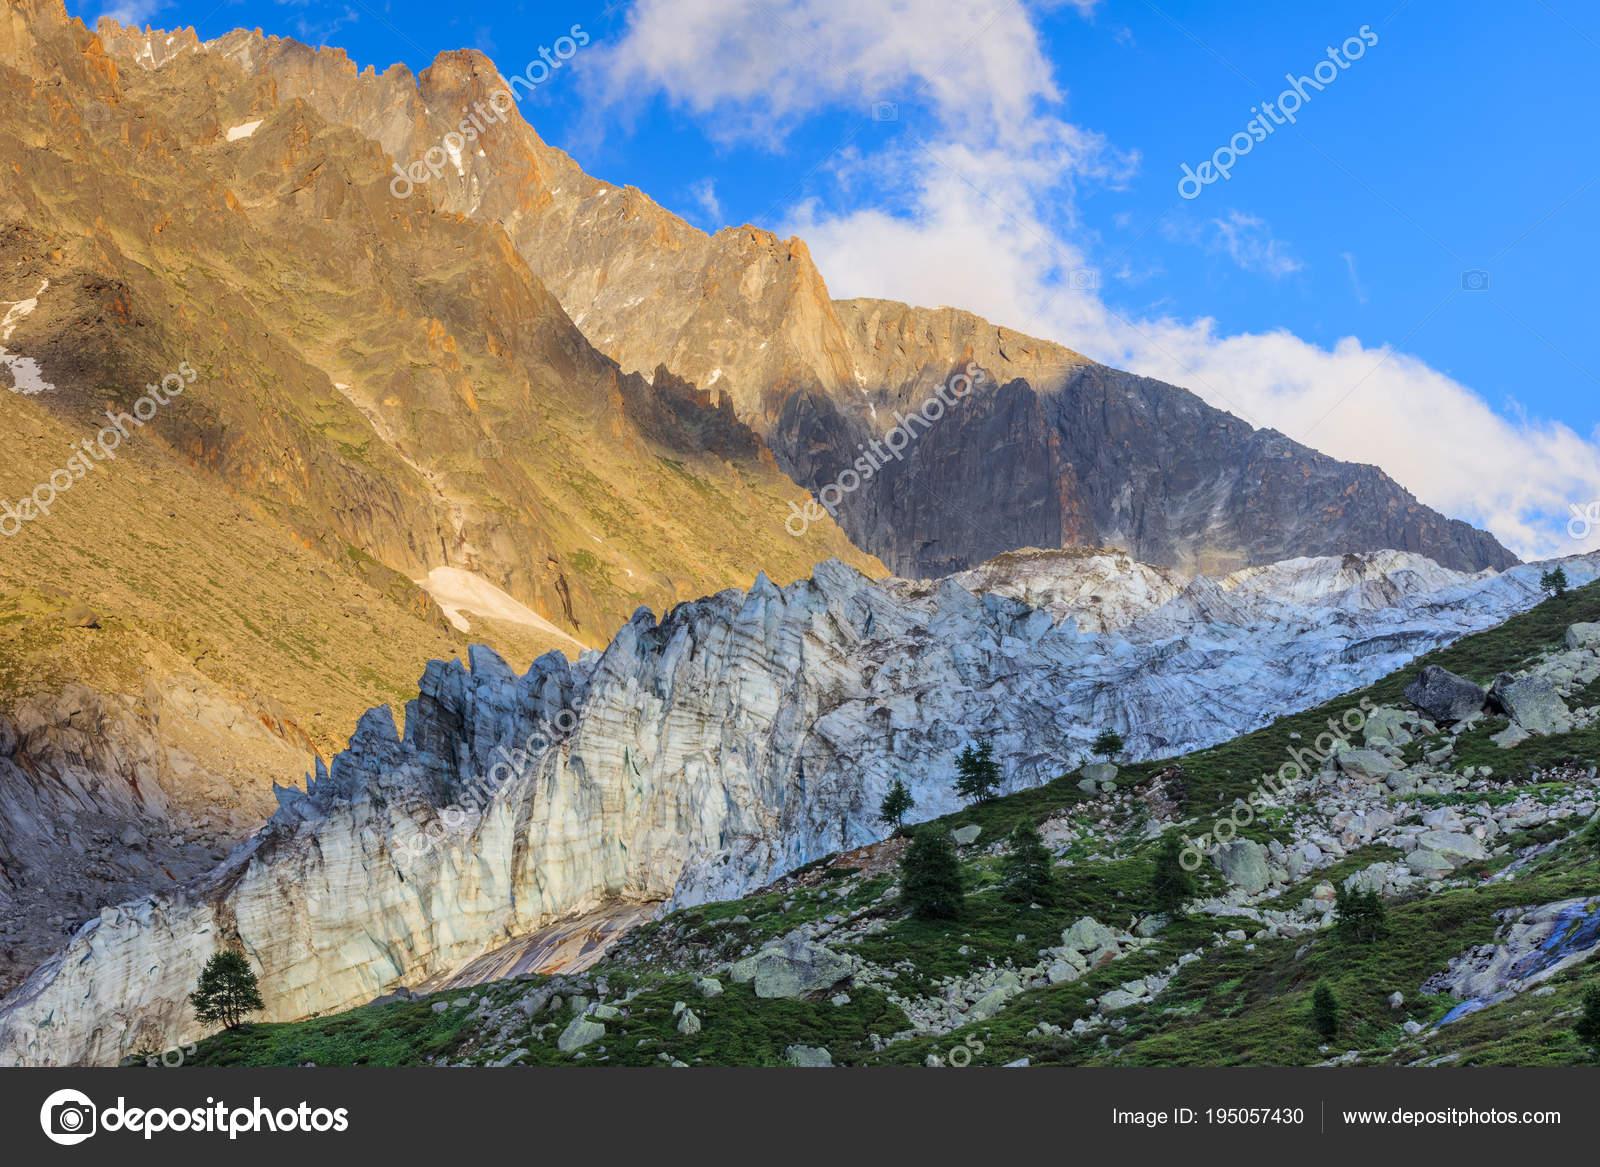 Klettersteig Chamonix : Argentiere gletscher in chamonix alpen frankreich u stockfoto